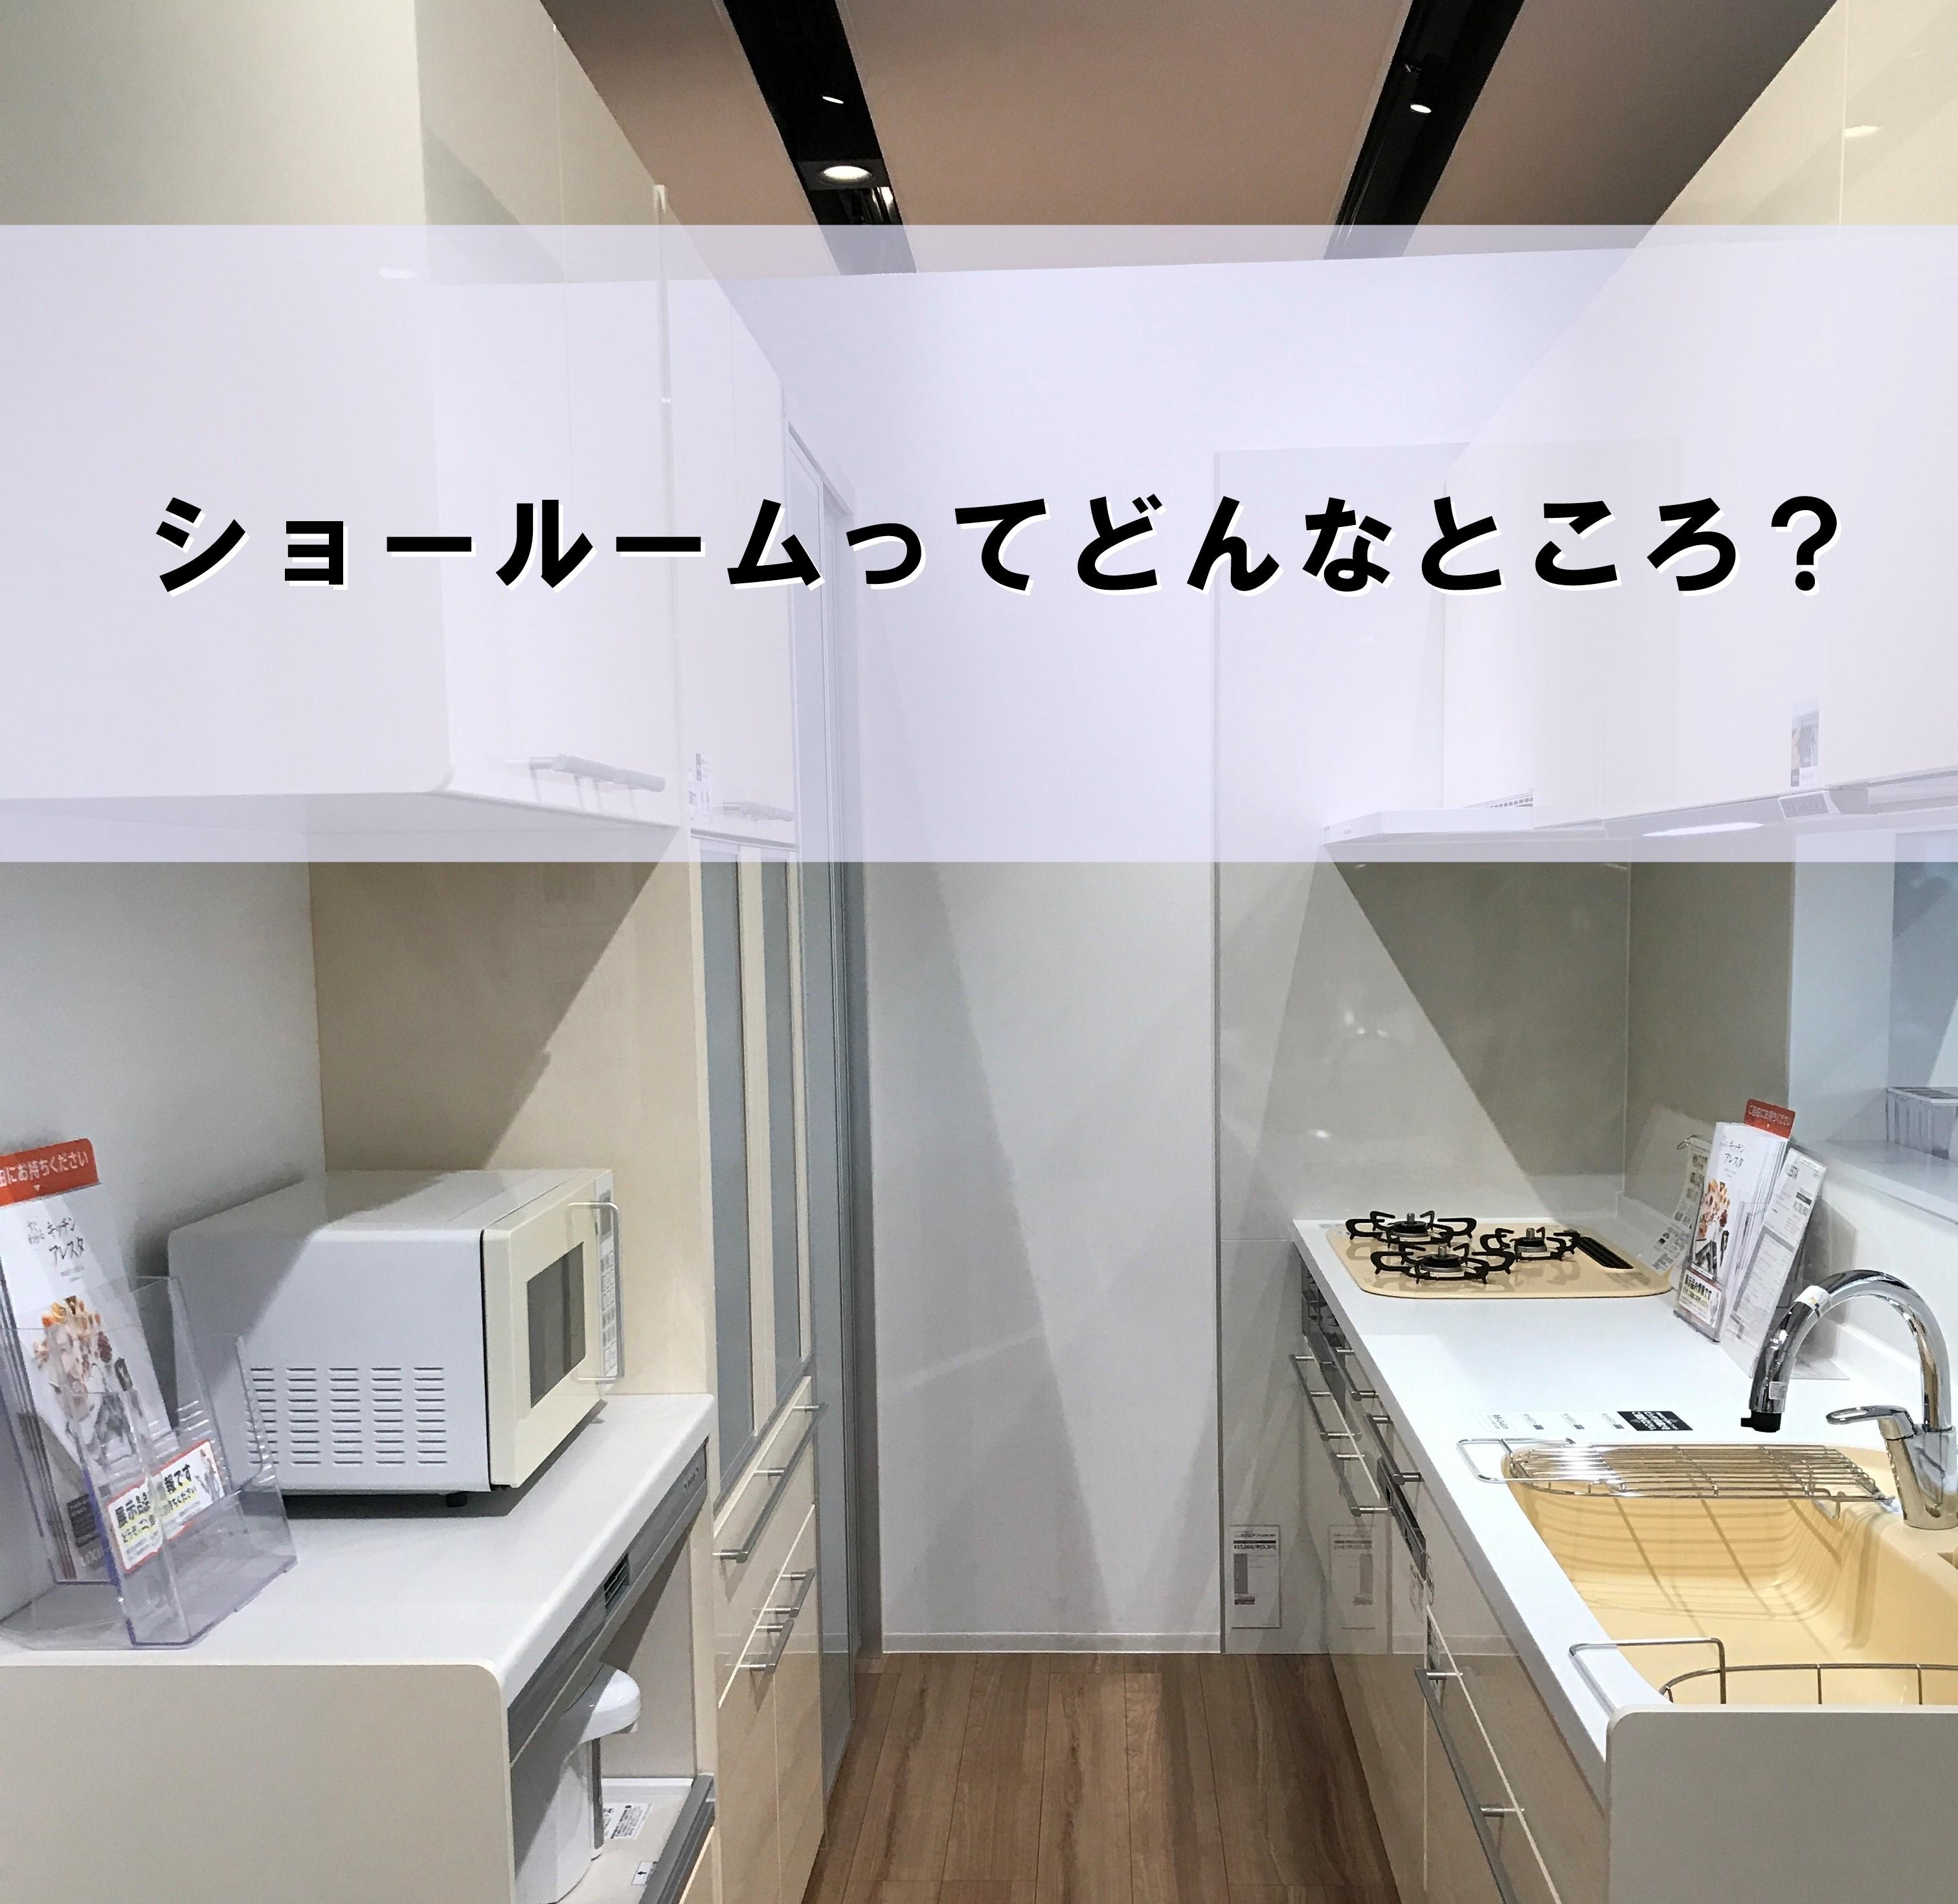 【小平市のリフォーム情報館】ショールームってどんなところ?